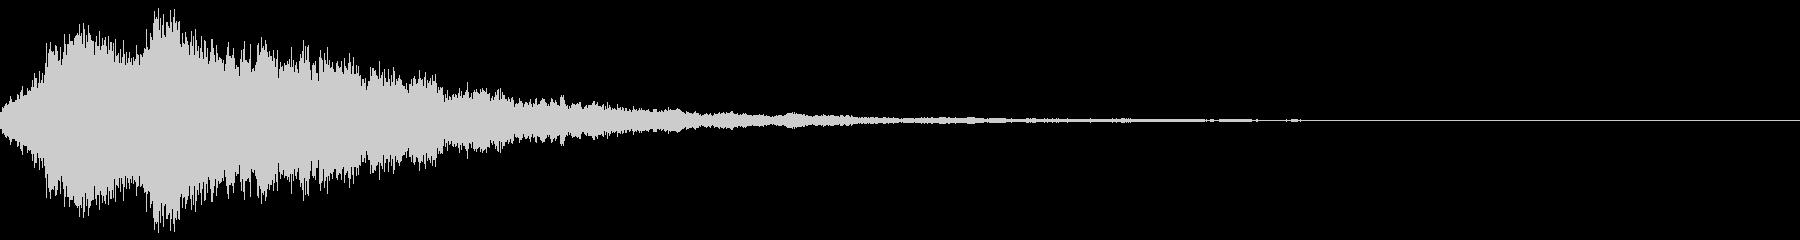 キラキラ輝く テロップ音 ボタン音04bの未再生の波形